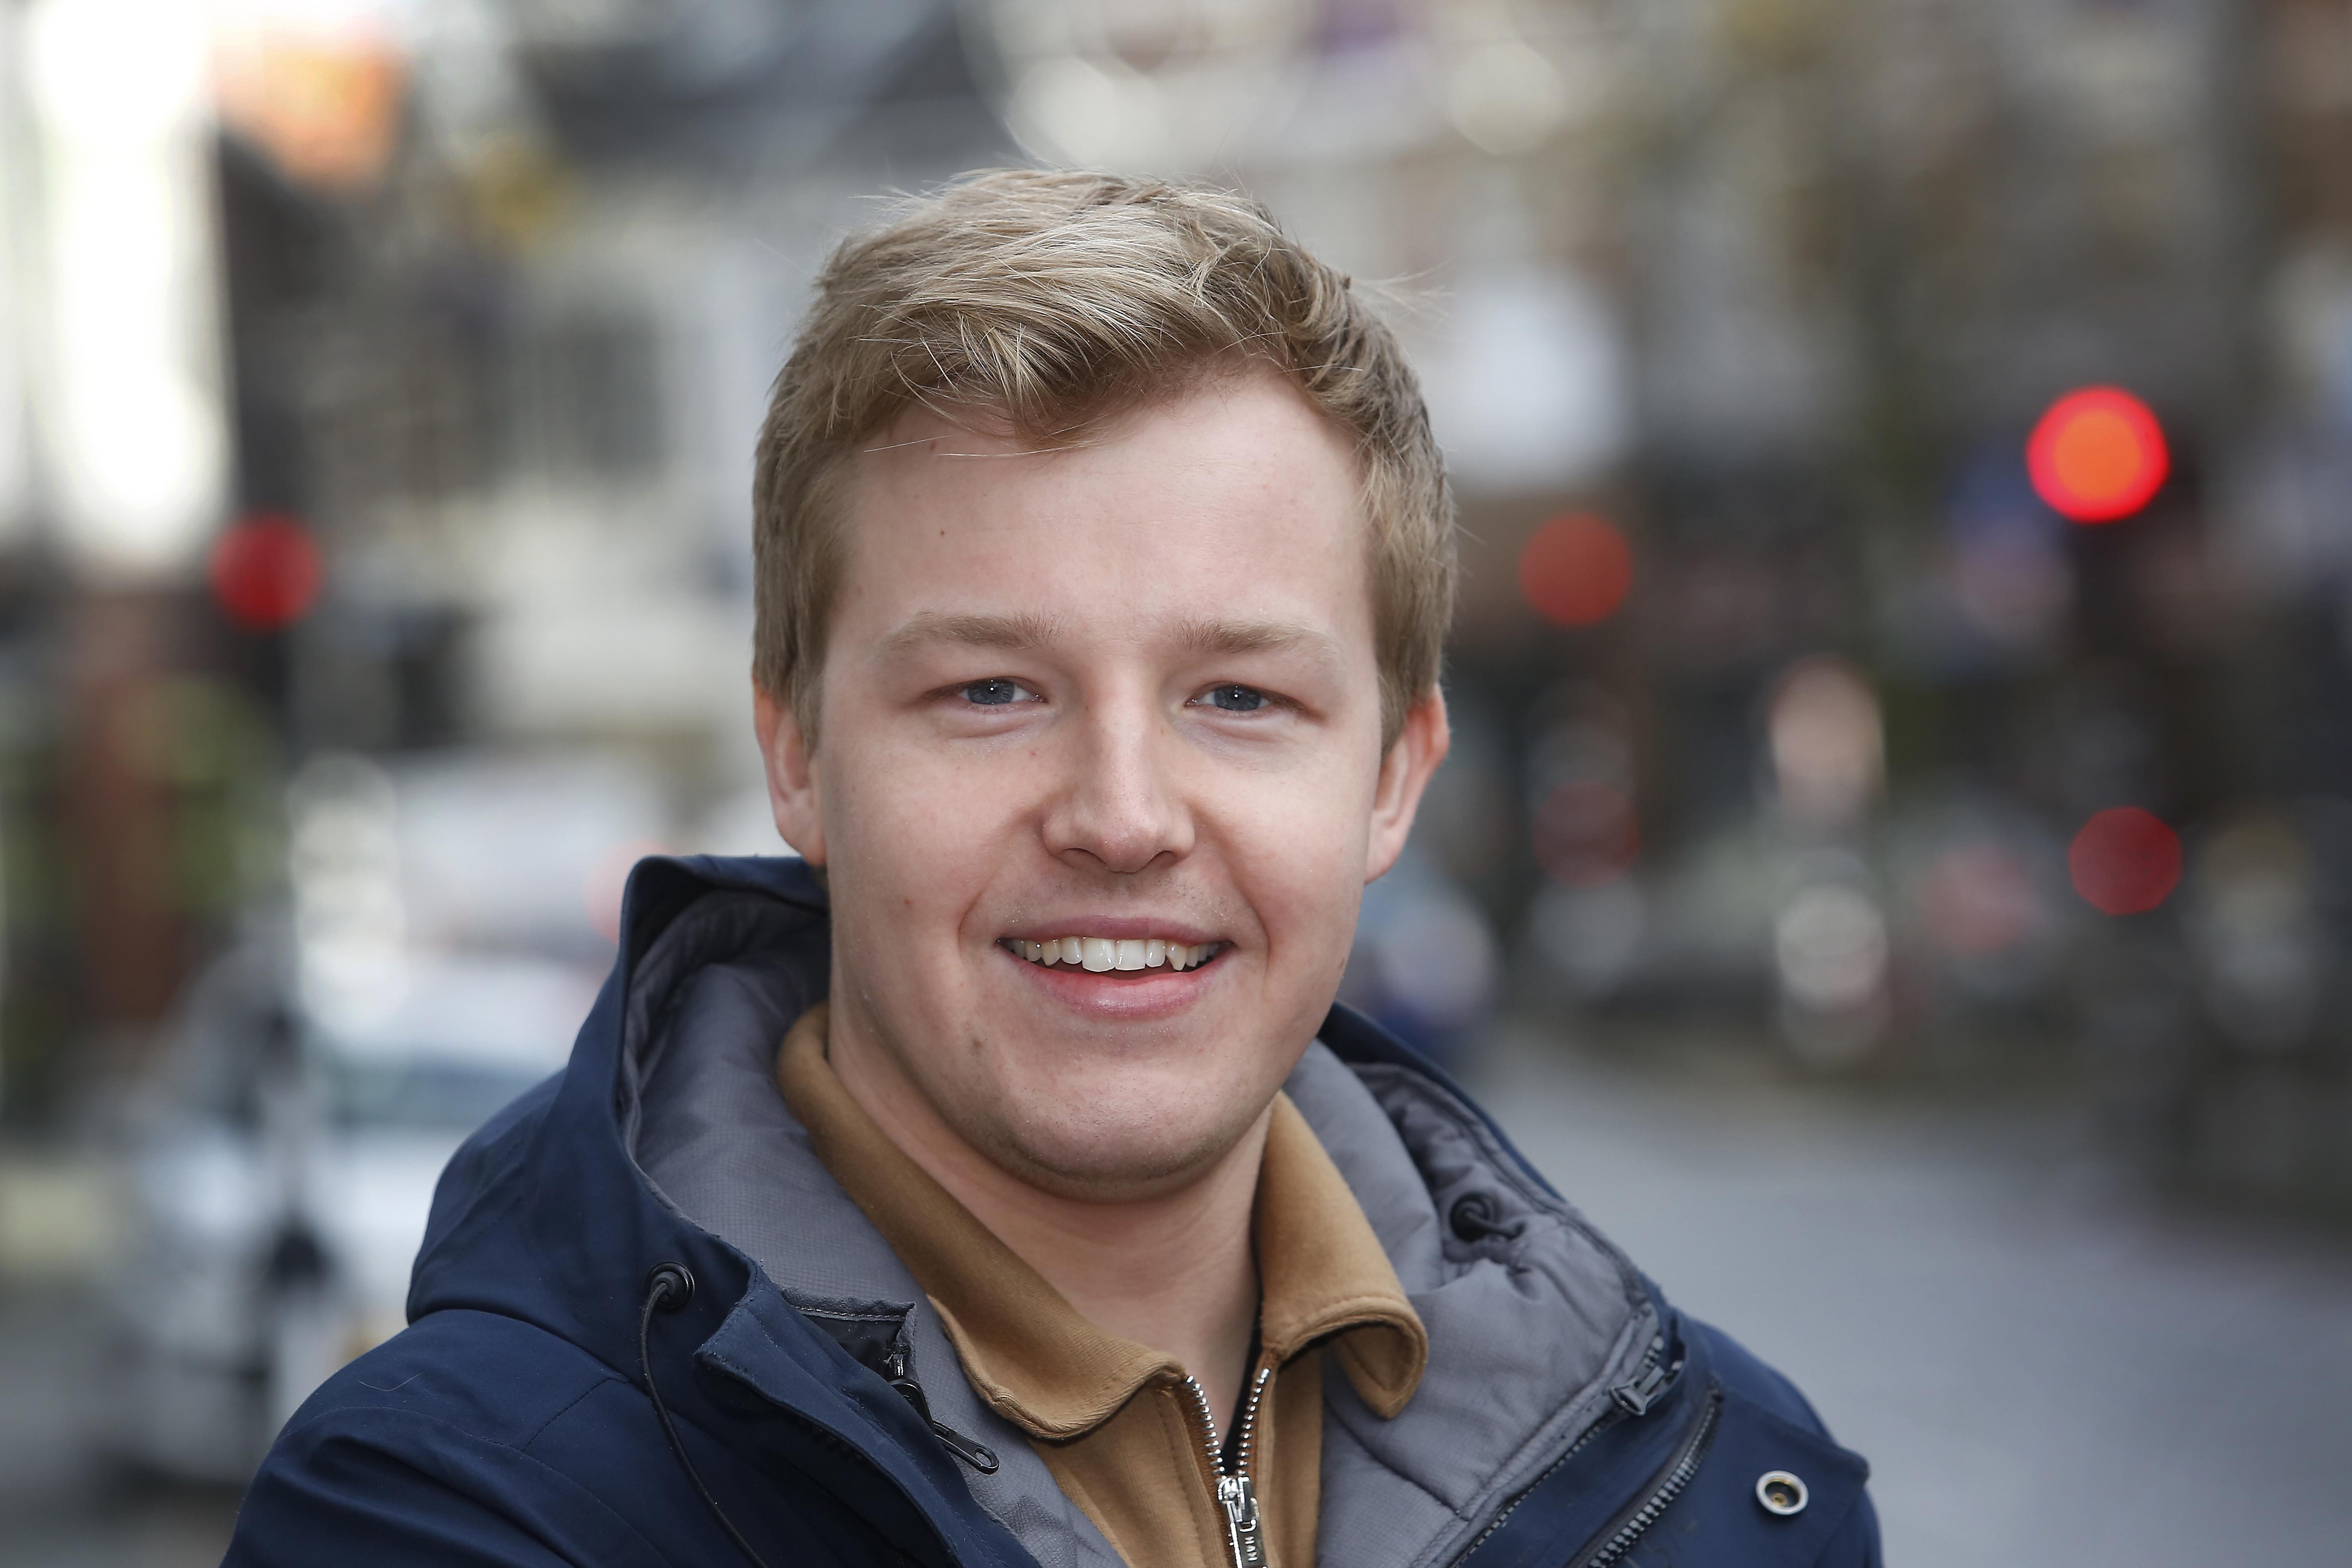 Jesse Markus begint afdeling van Jonge Democraten in het Gooi: 'Verhaal van jongeren naar voren brengen'